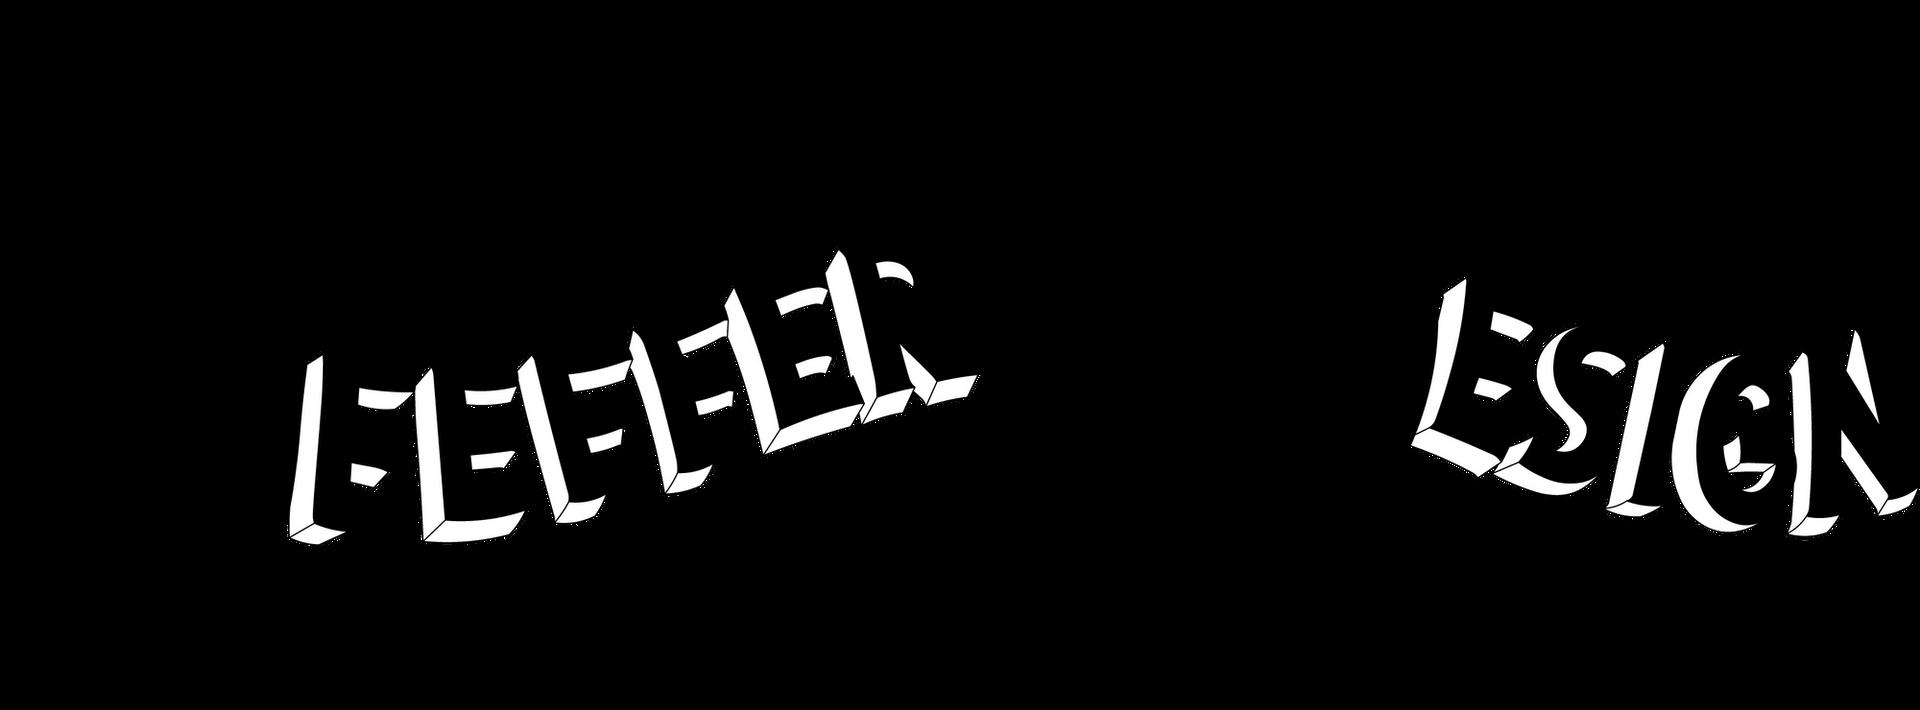 Pfeffer Design Logo